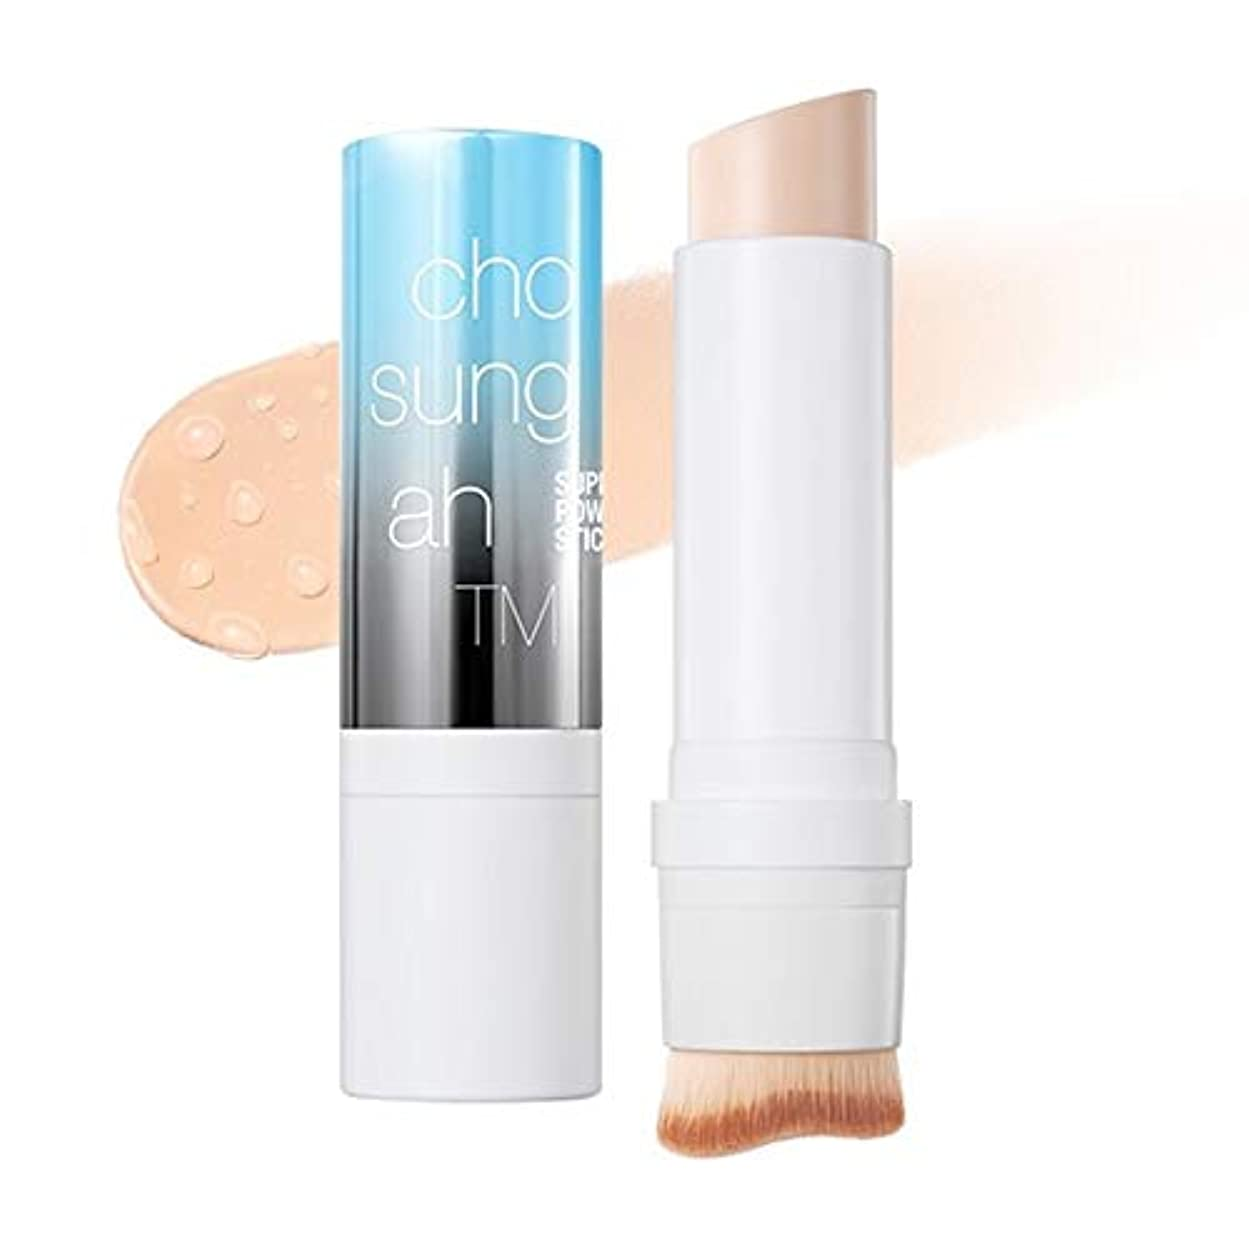 基準欠伸夜明けChosungah TM Super Fit Stick Foundation 01 Light Beige SPF50+/PA++++ 12g